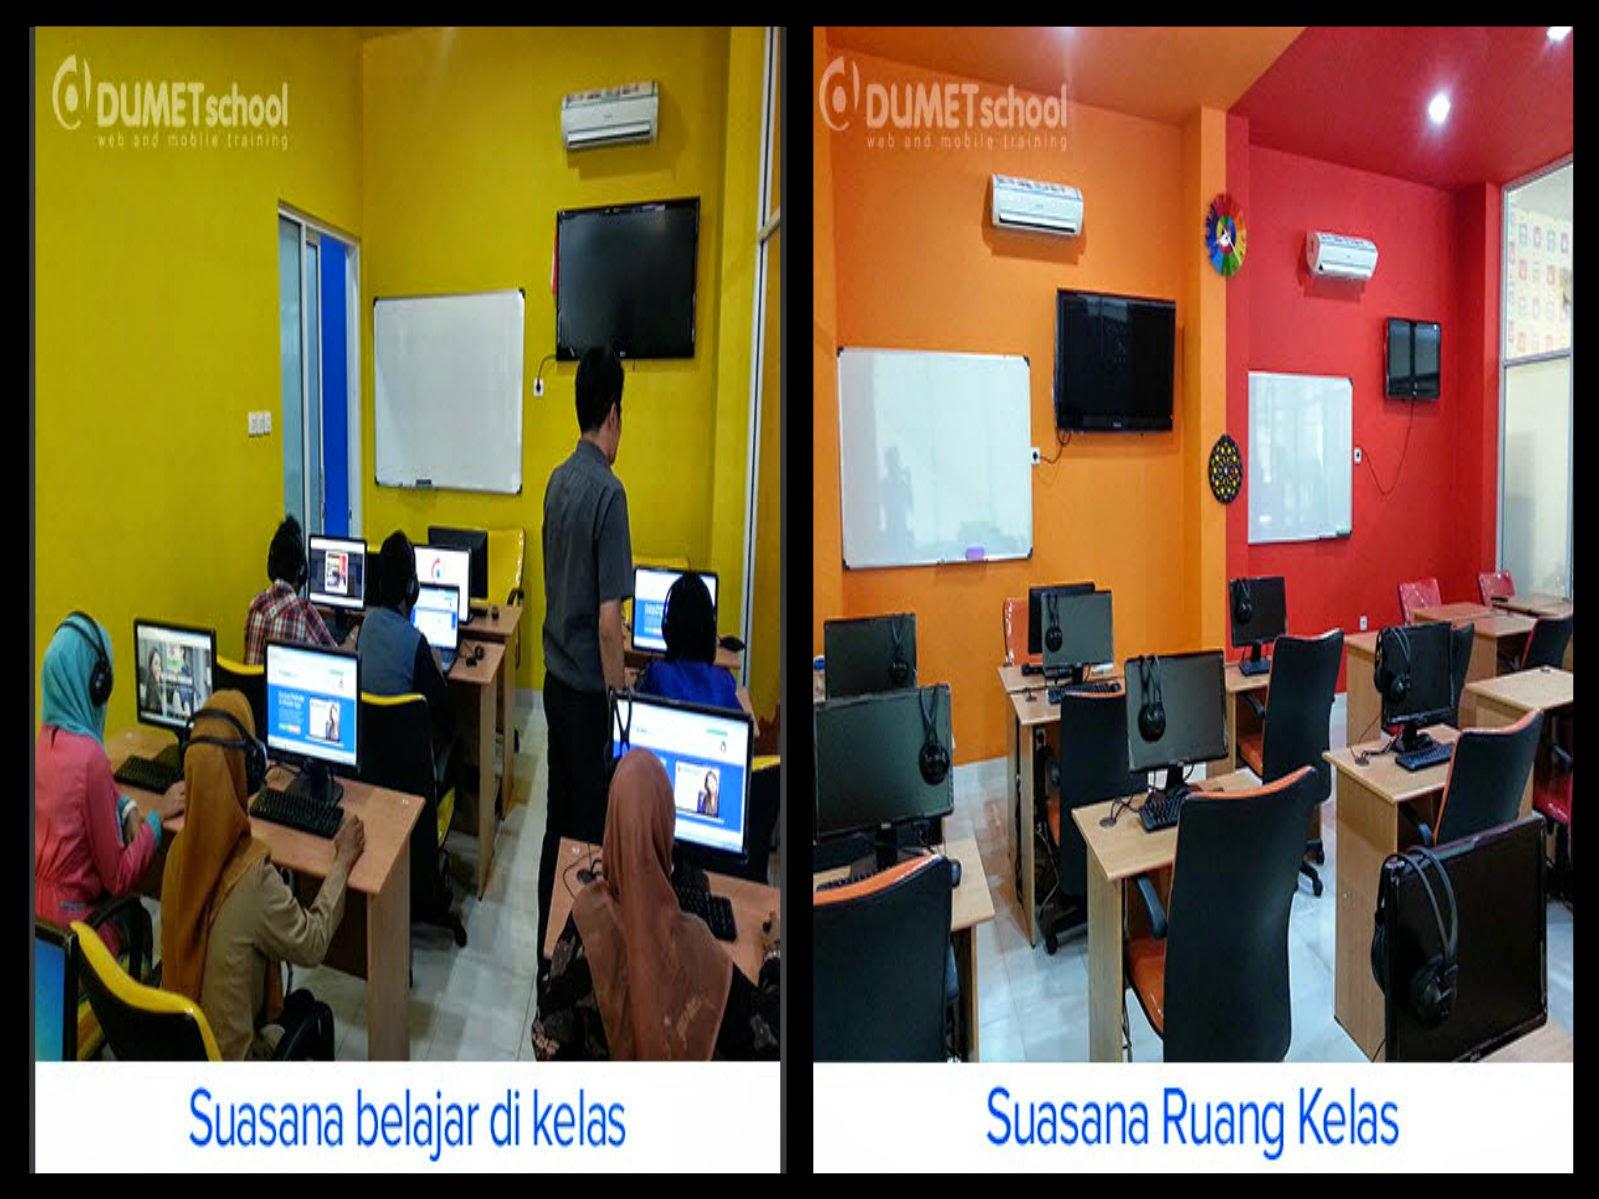 Suasana Ruang Kelas dan Belajar